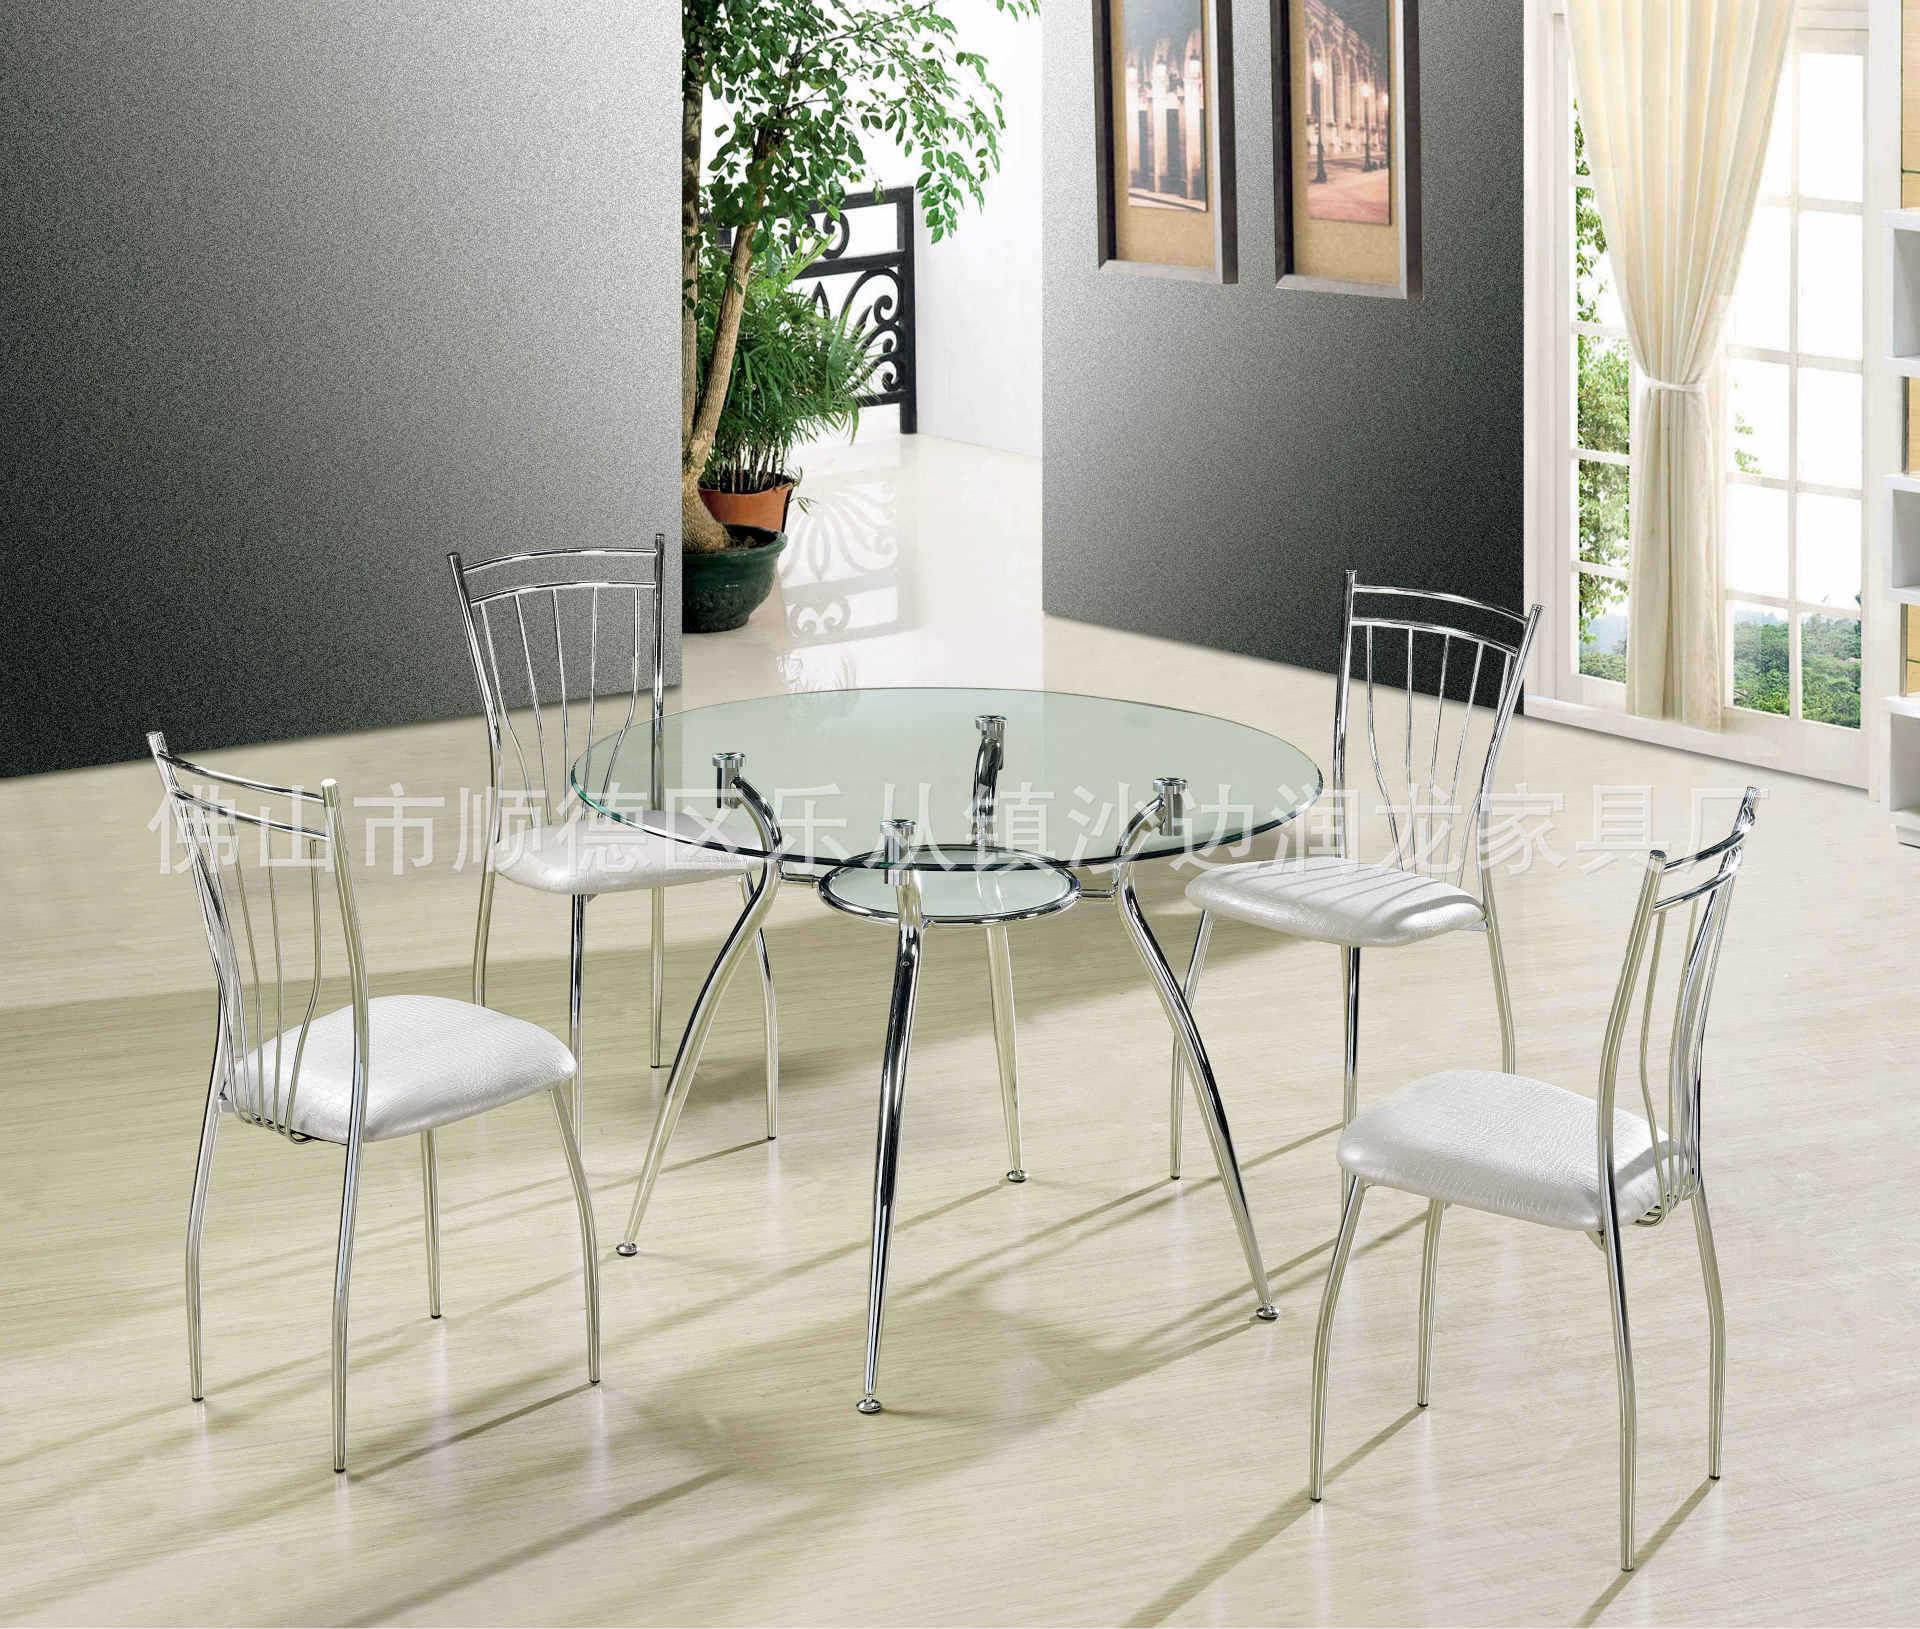 【现代简洁v餐桌餐桌家具钢化玻璃门窗简约电灰色家具图片